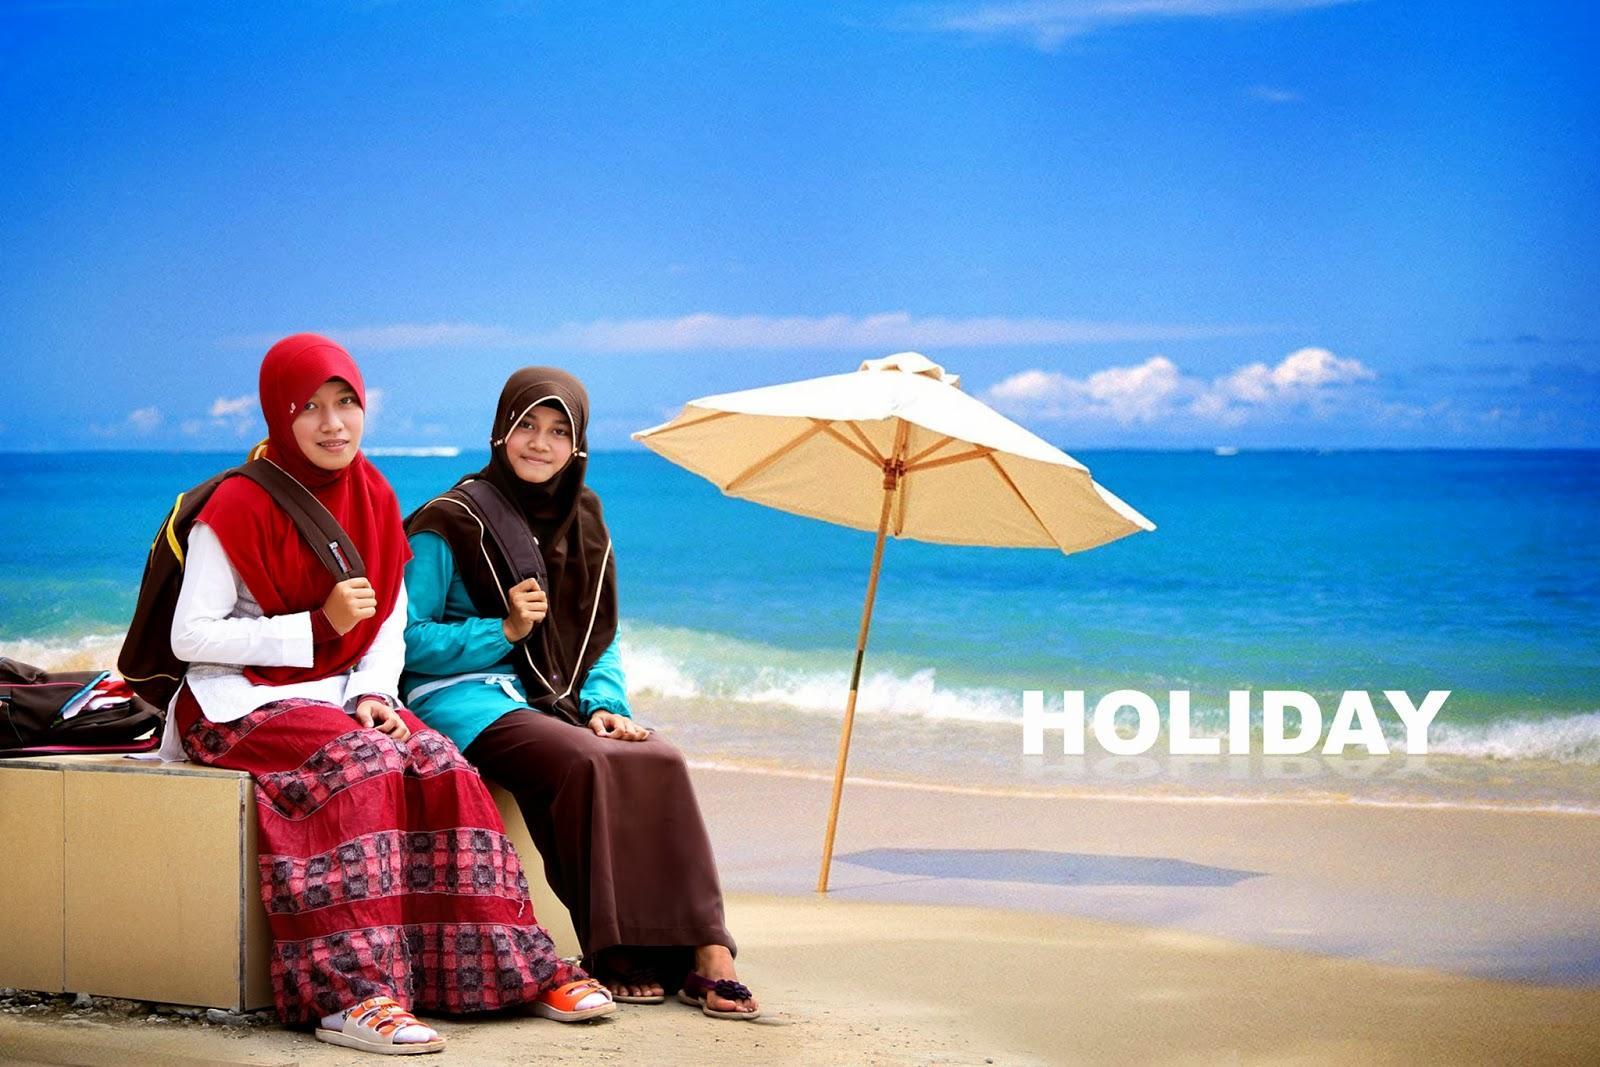 Mengganti Gambar Background Photo Photoshop Santri Aktif Yg Cantik